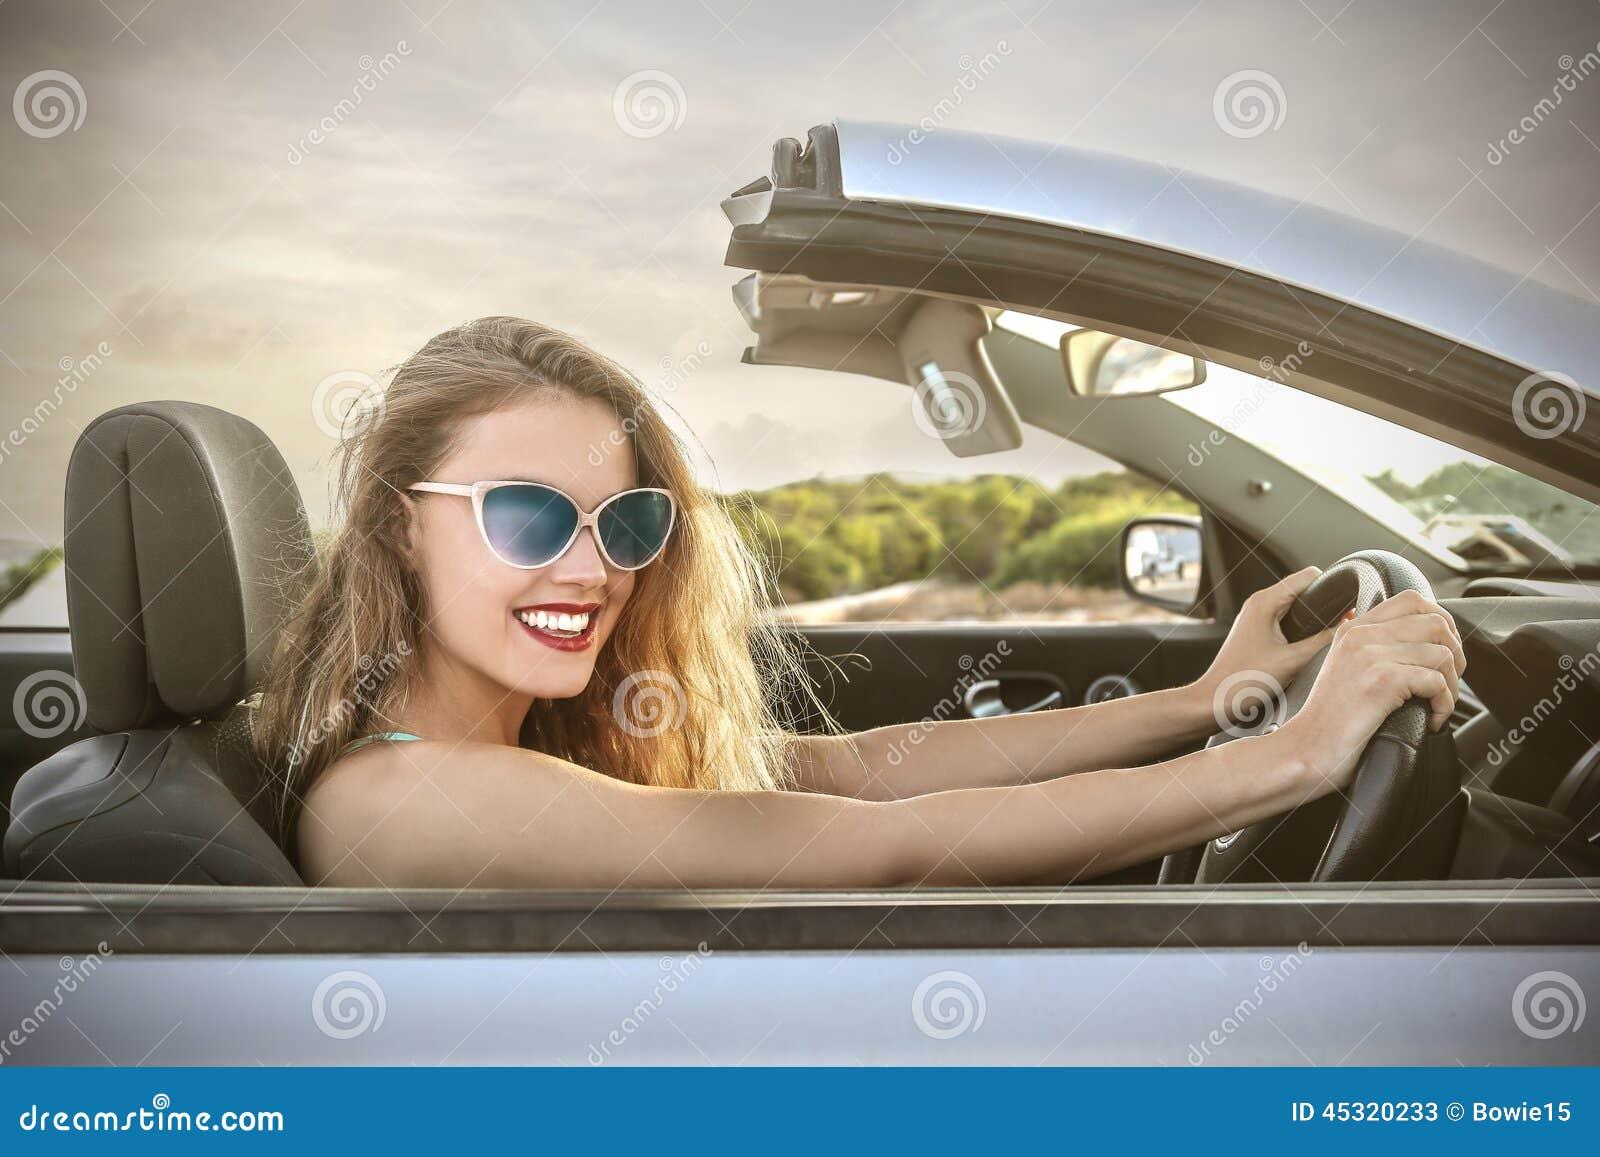 Blonde Mädchen fahren — bild 1